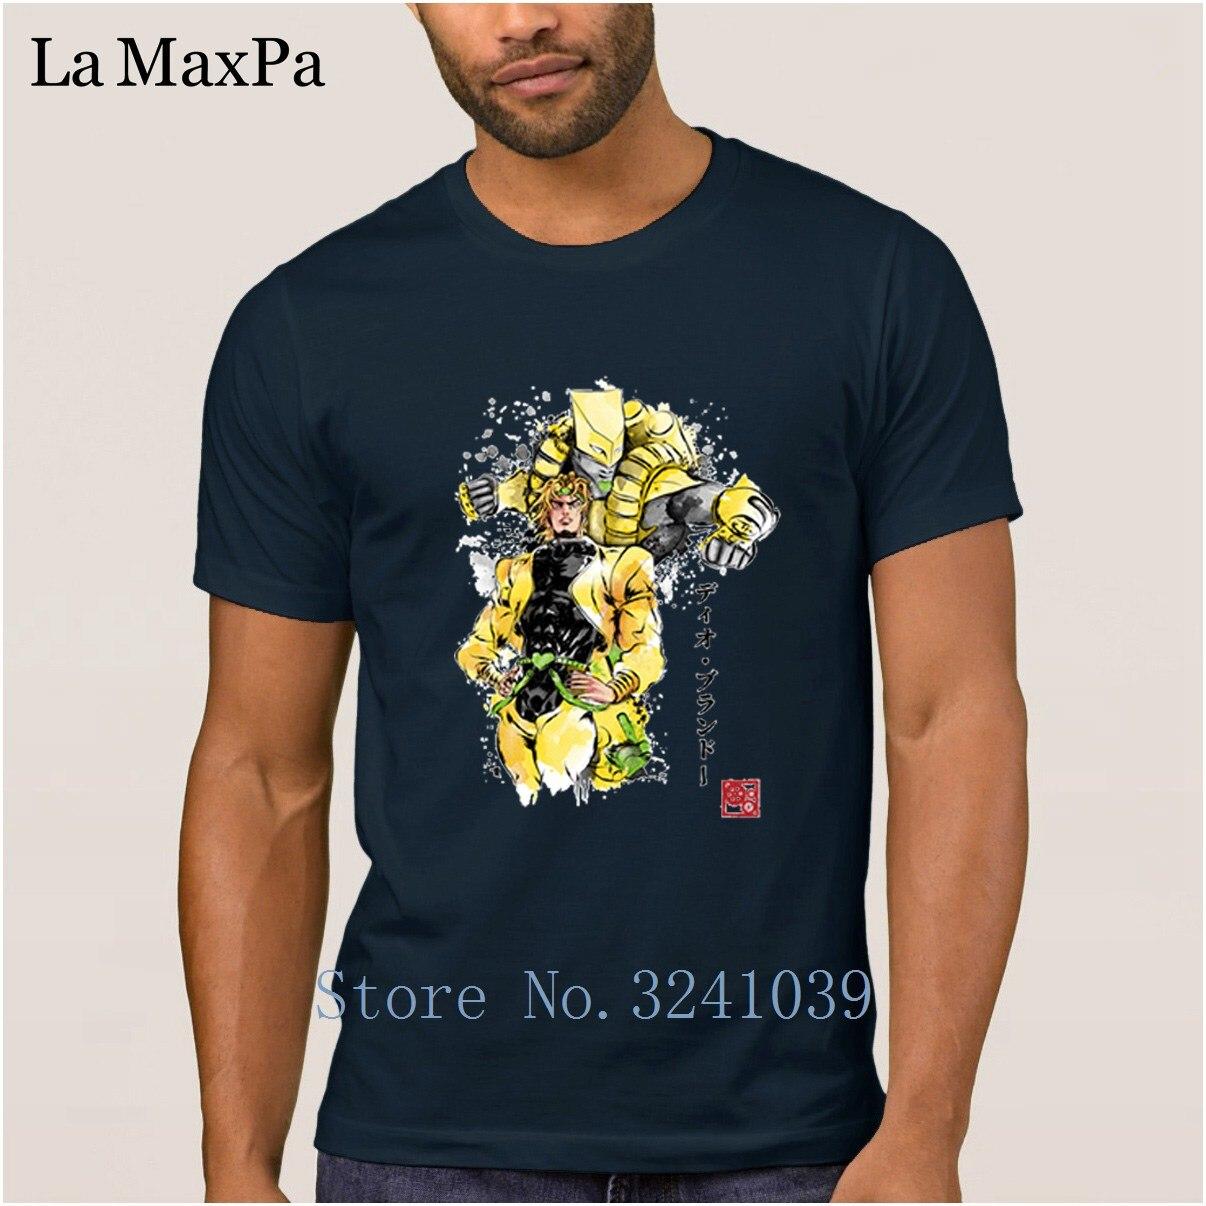 f4868e6a Creature Fashion T-Shirt Short Sleeve 2018 Men's Tshirt Za Warudo T Shirt  Men Cool